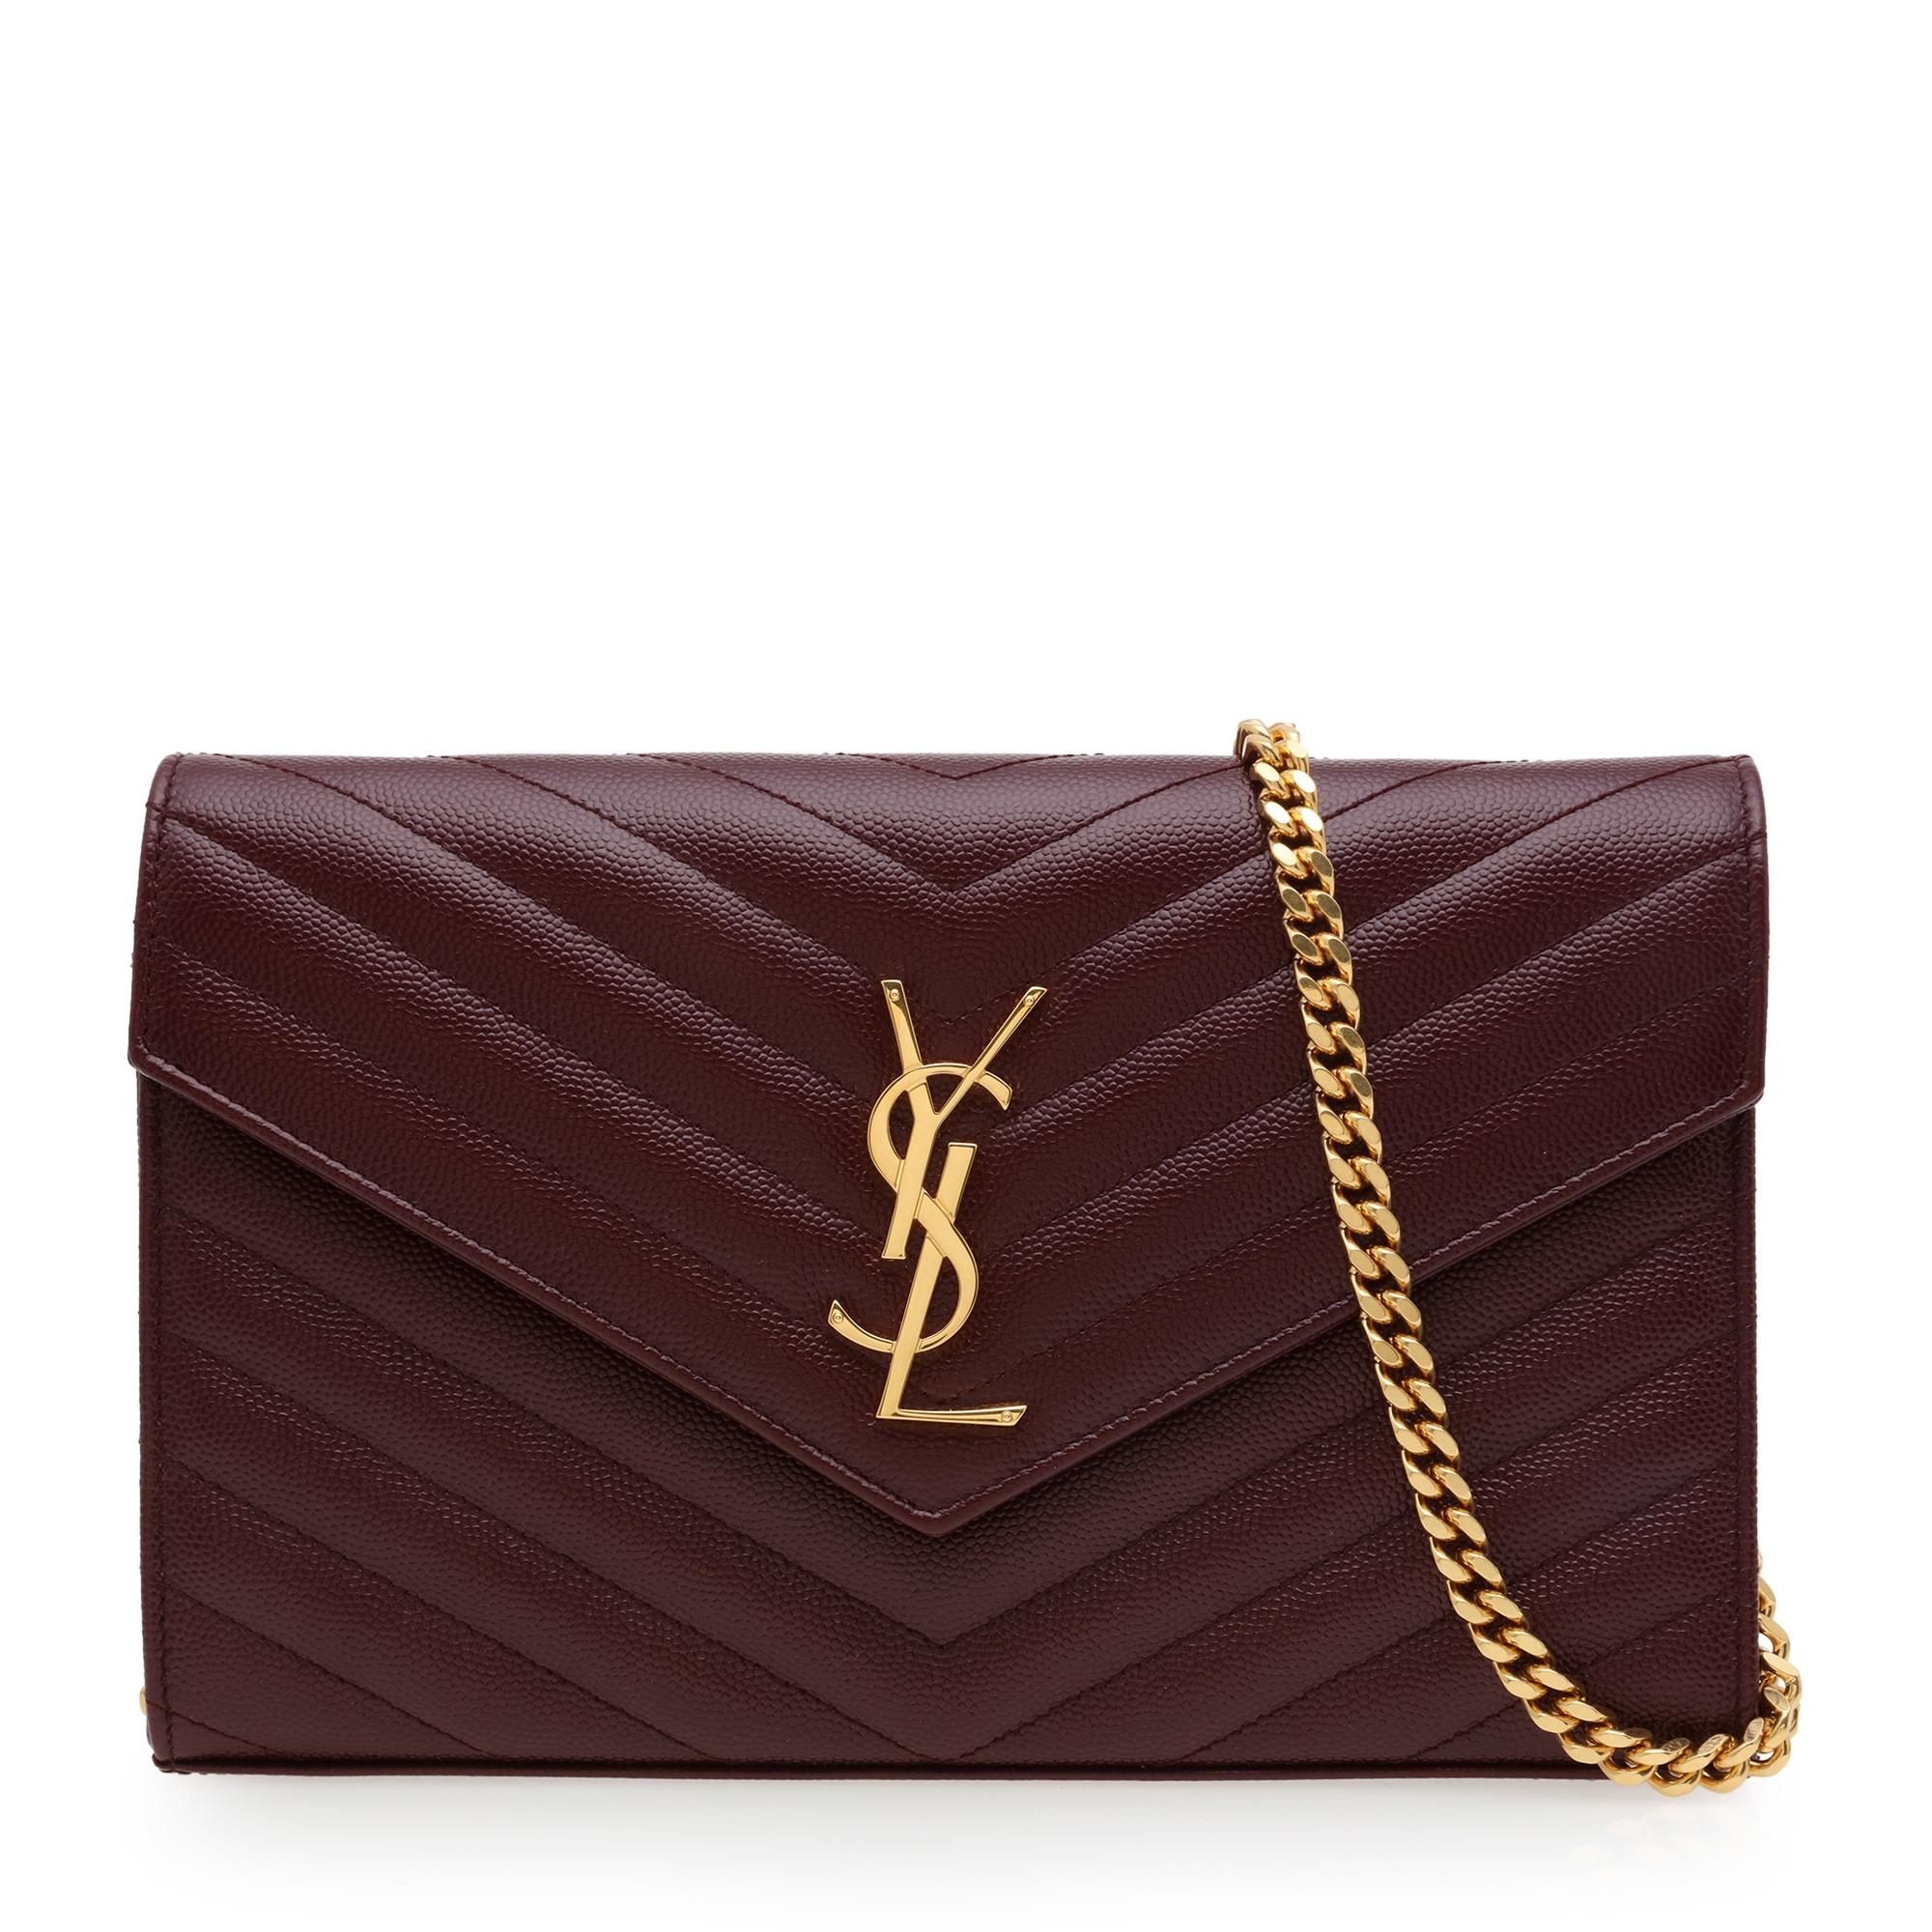 Monogram chain wallet